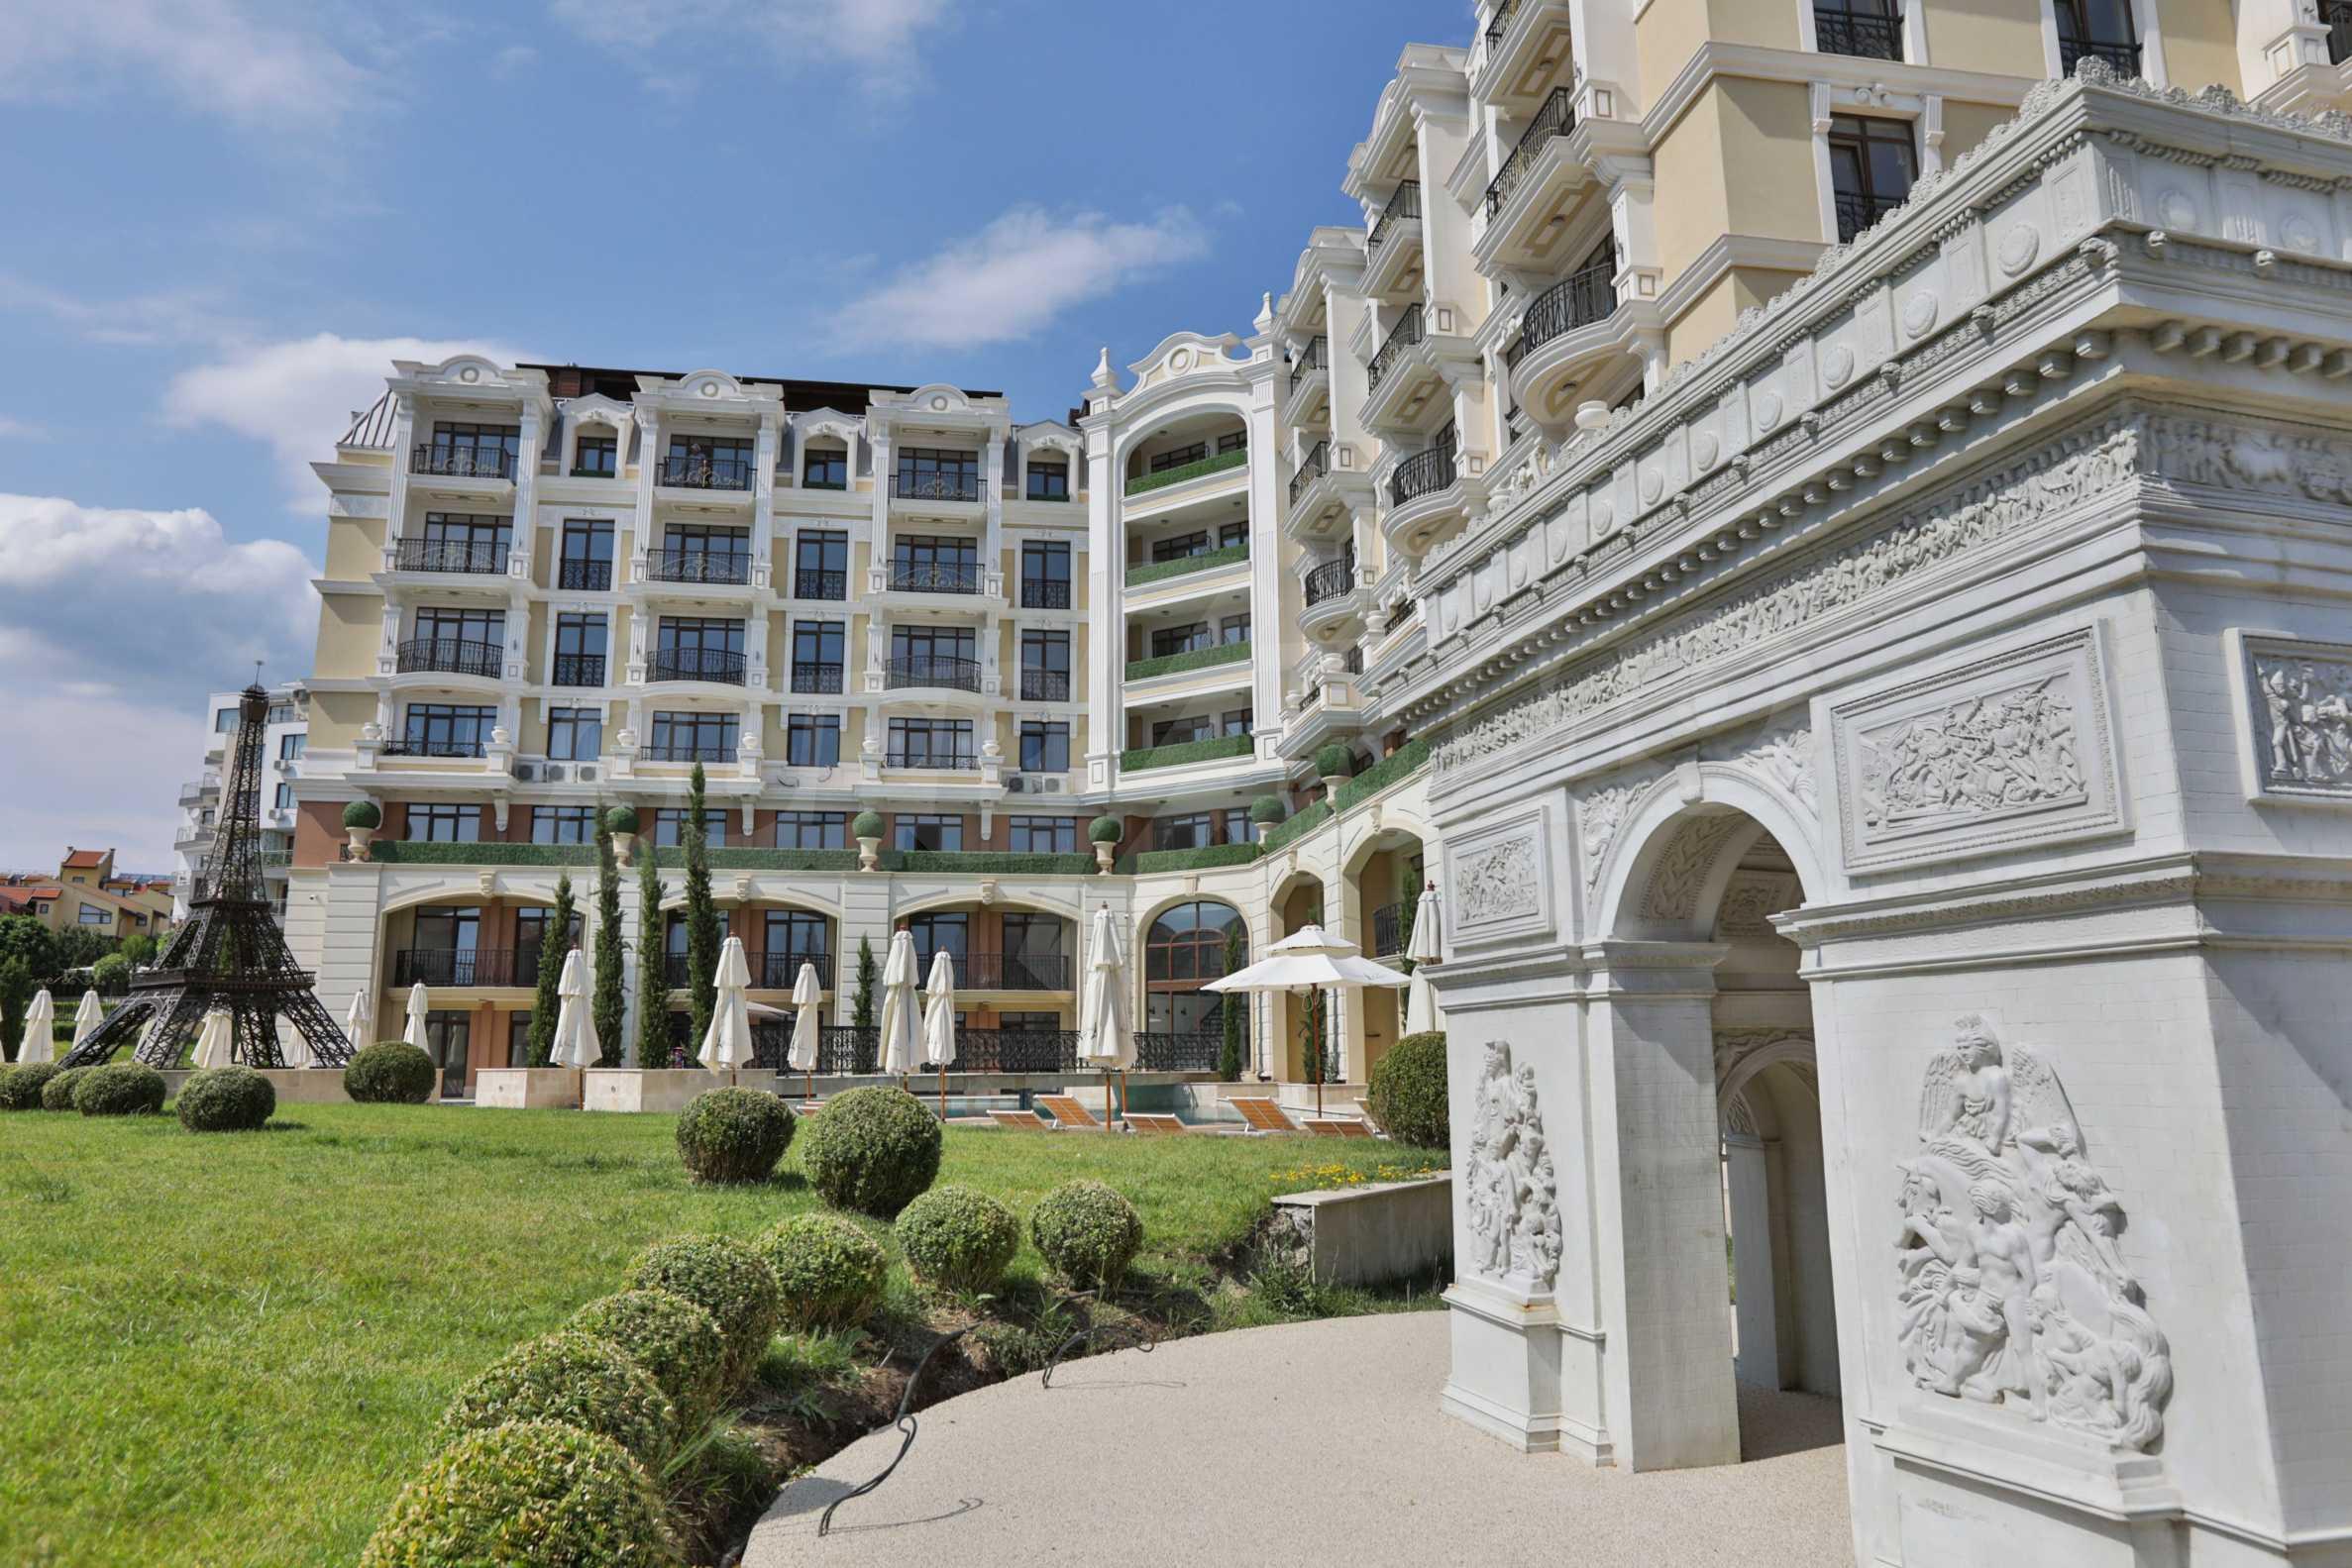 Erstklassige Apartments  zum TOP-Preis ab 890 €/m² im Komplex im Stil der französischen Renaissance (Akt 16) 17